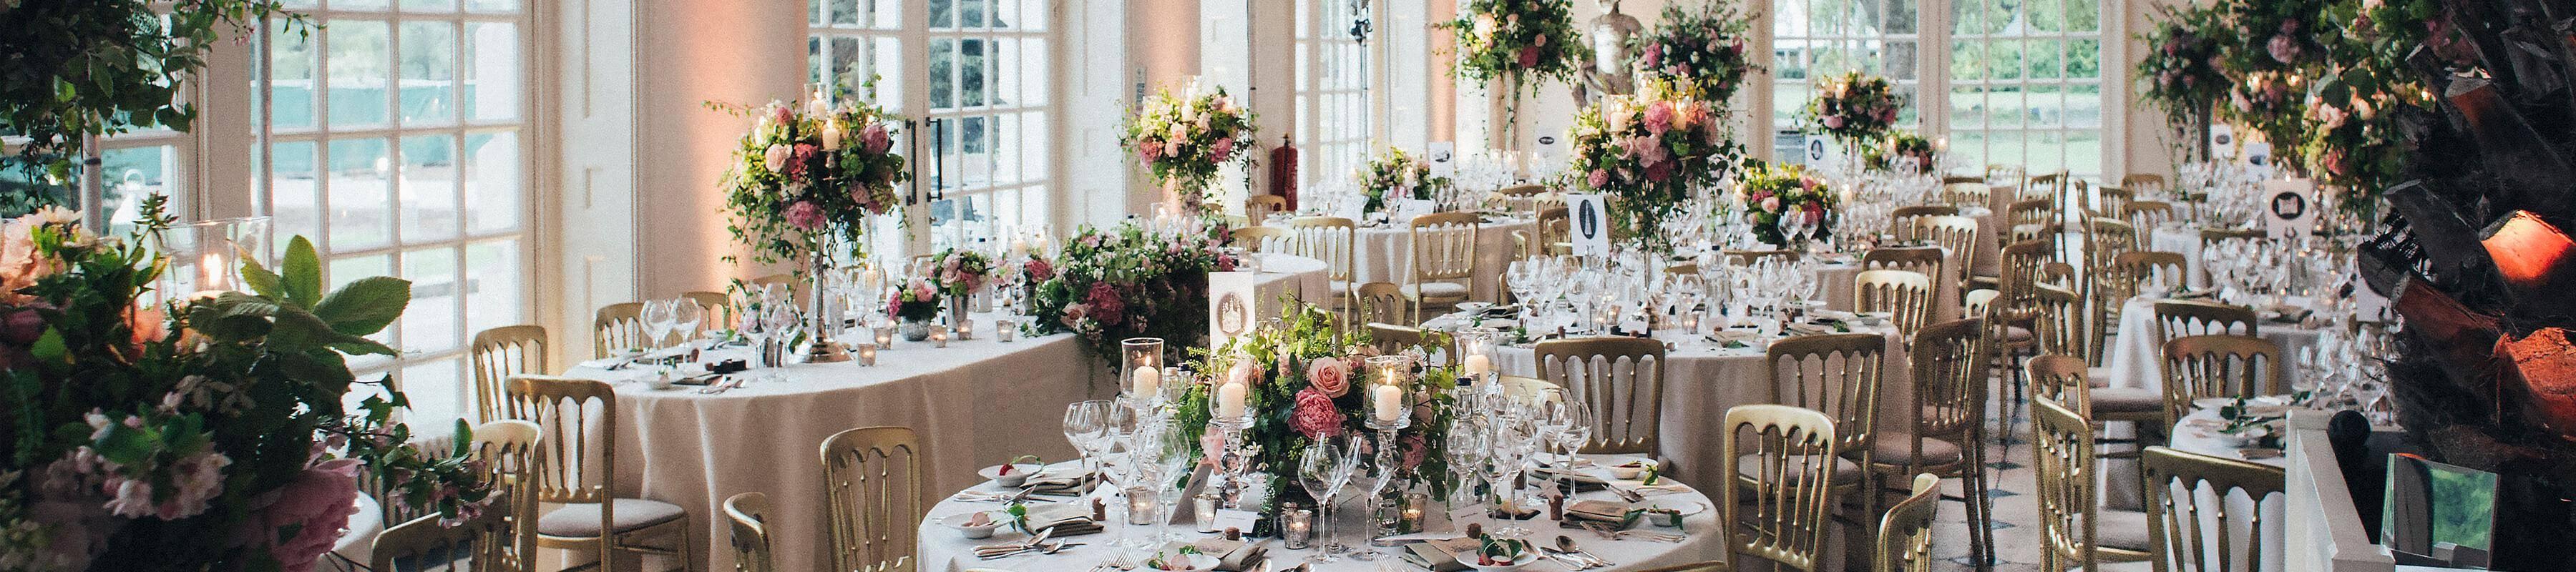 kew gardens weddings wedding venues in london